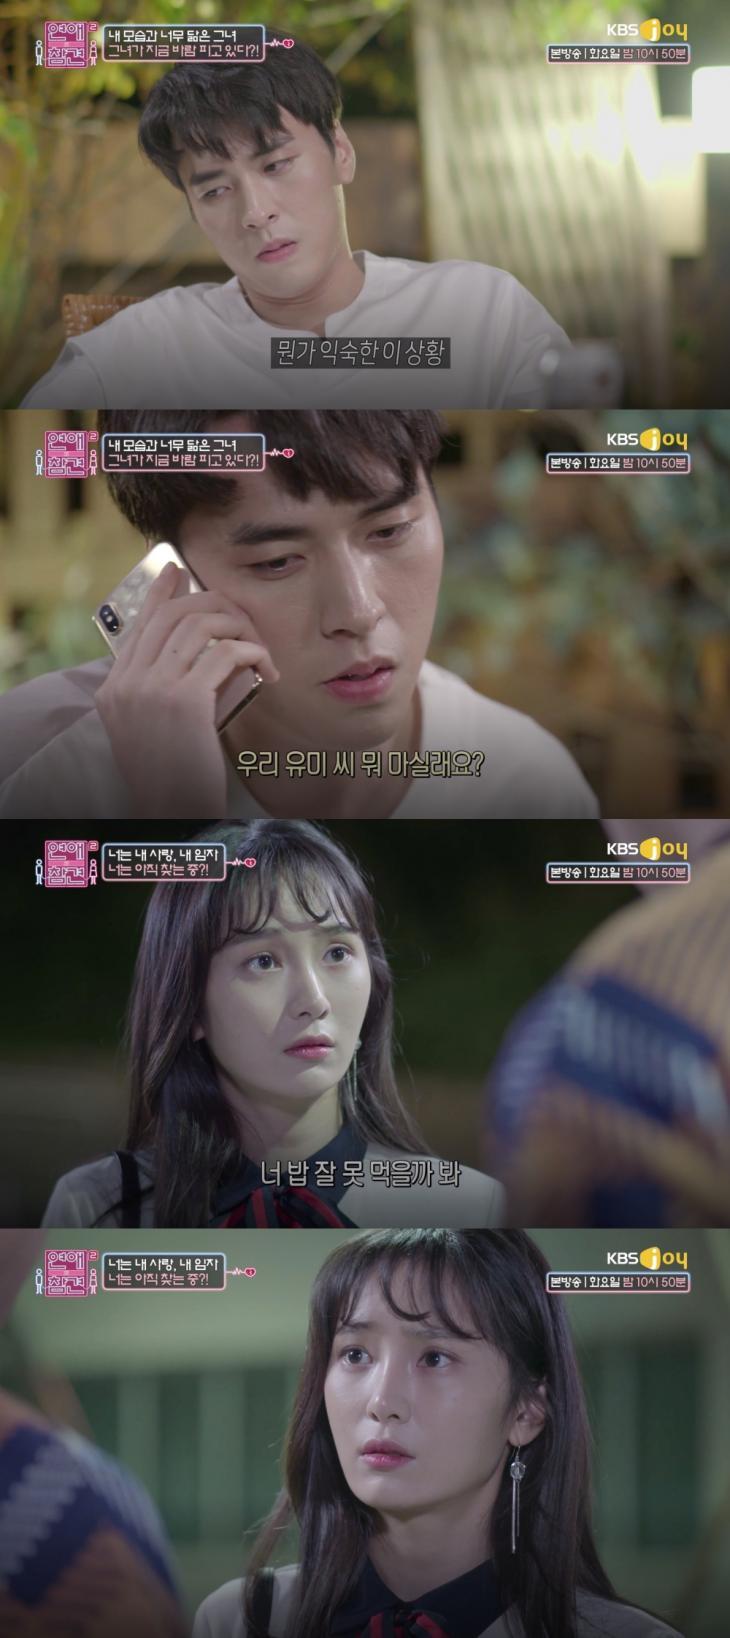 KBS 조이 '연애의 참견 시즌2' 방송 캡처